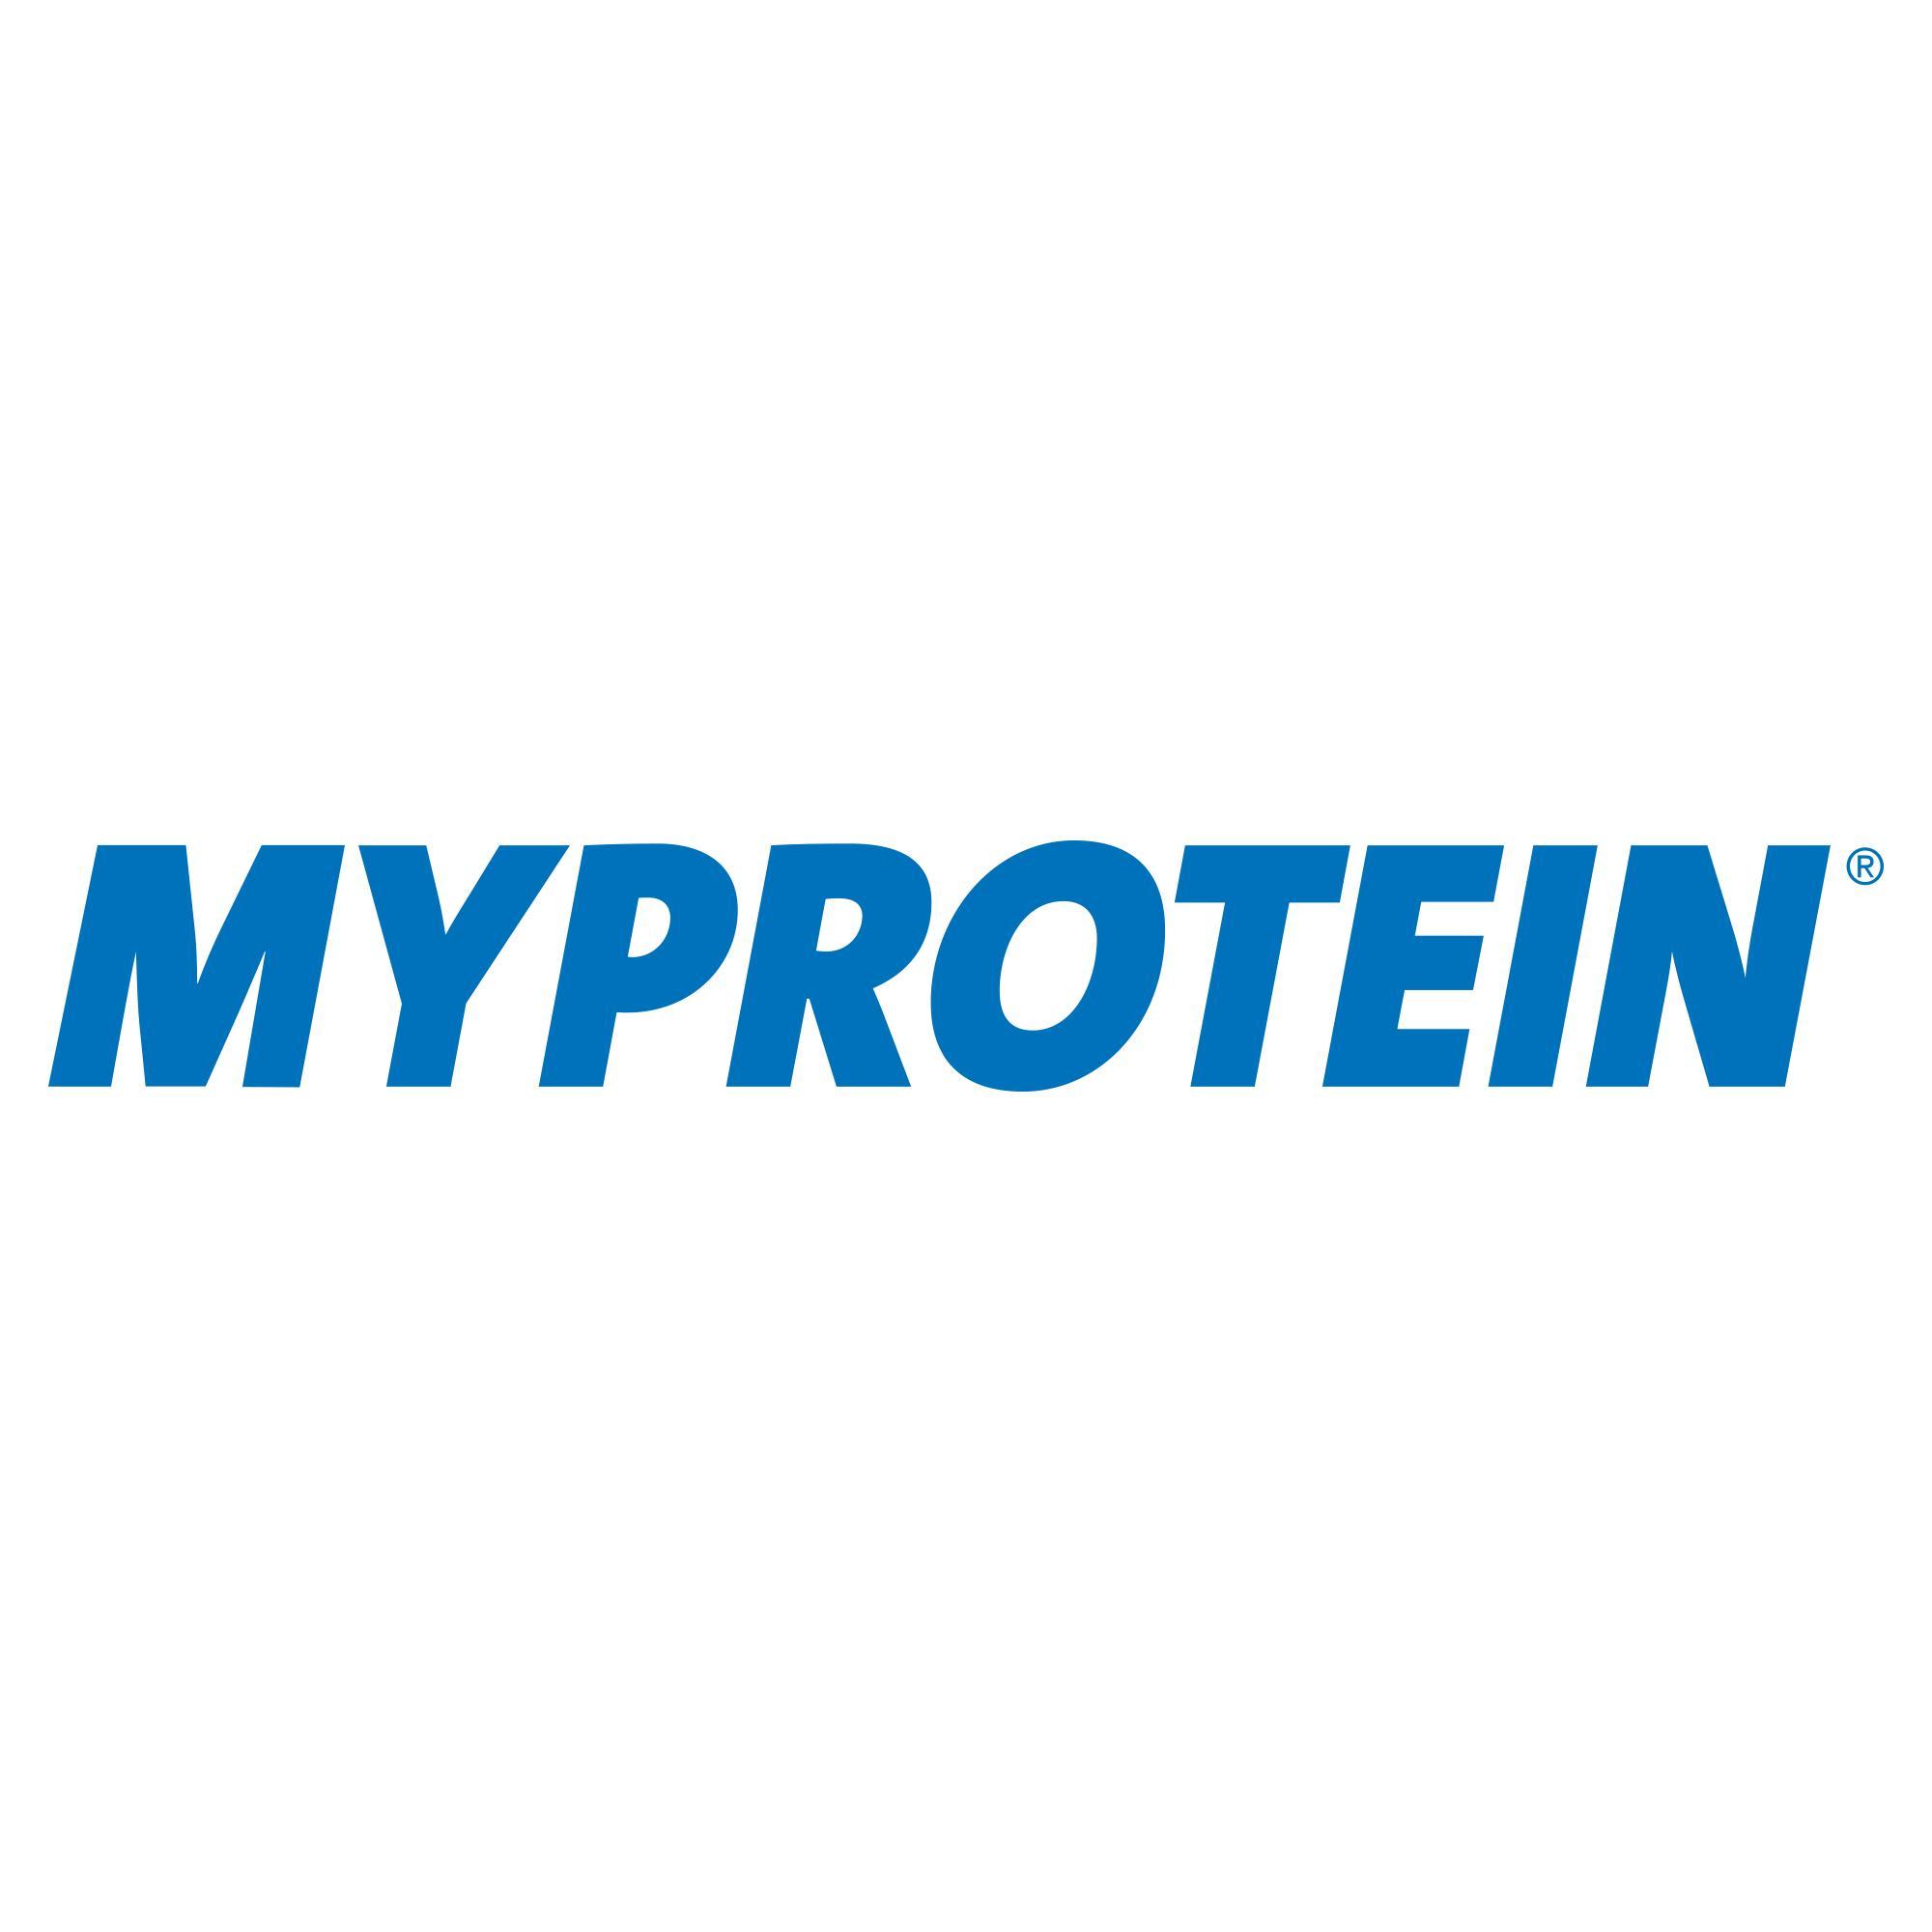 Myproteine